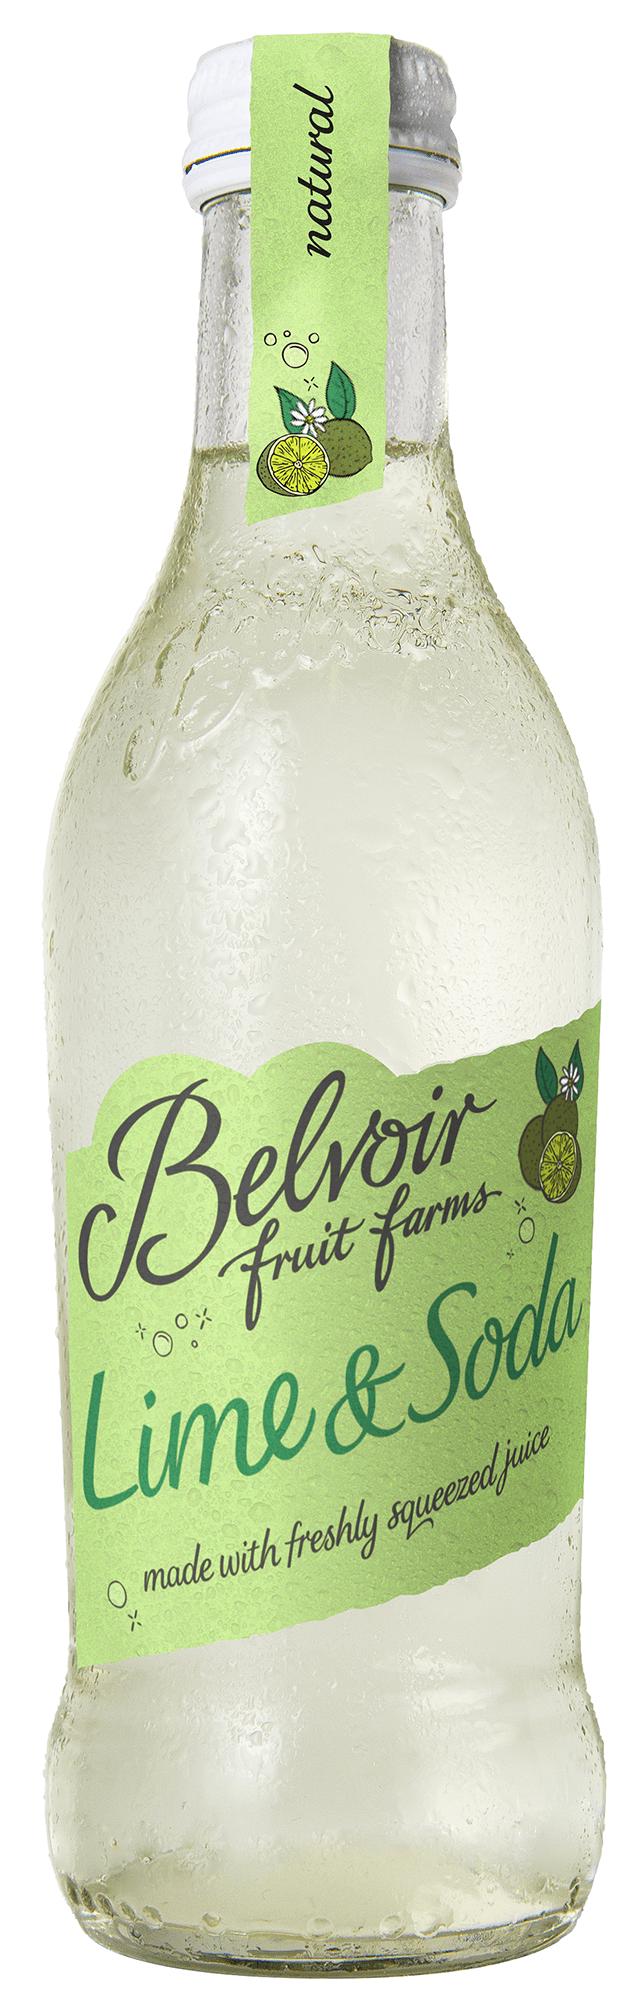 Belvoir Lime & Soda